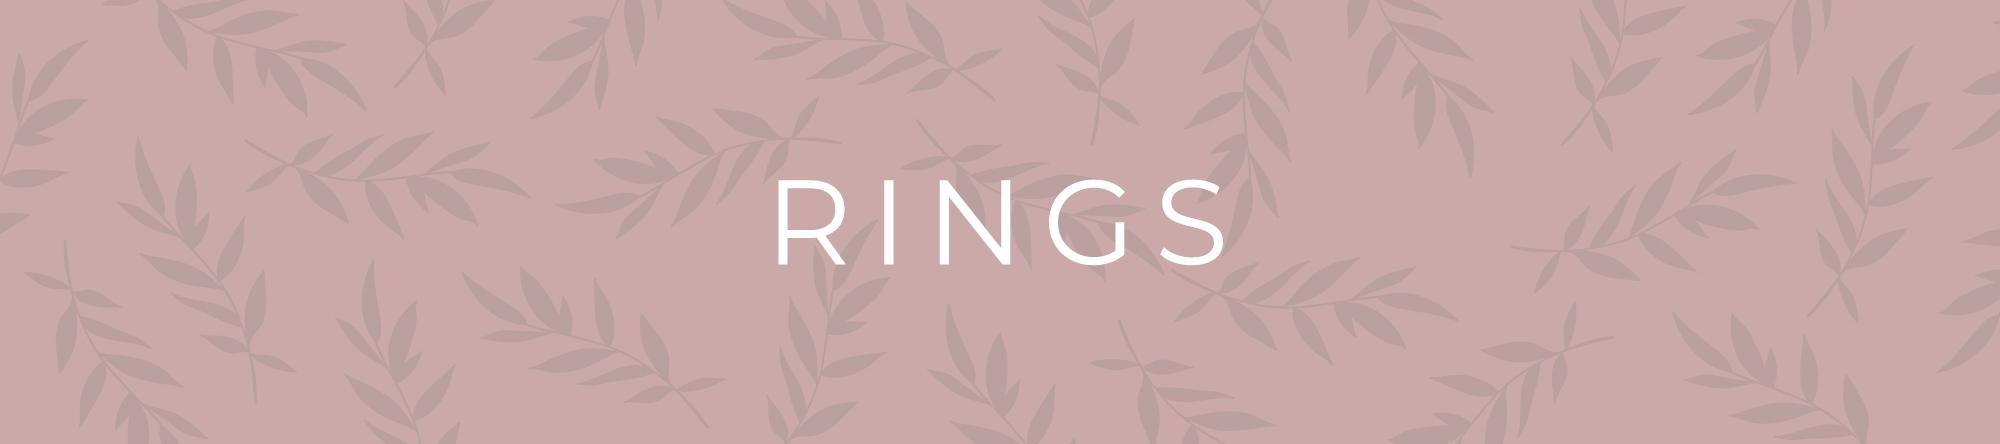 RingsBanner.jpg